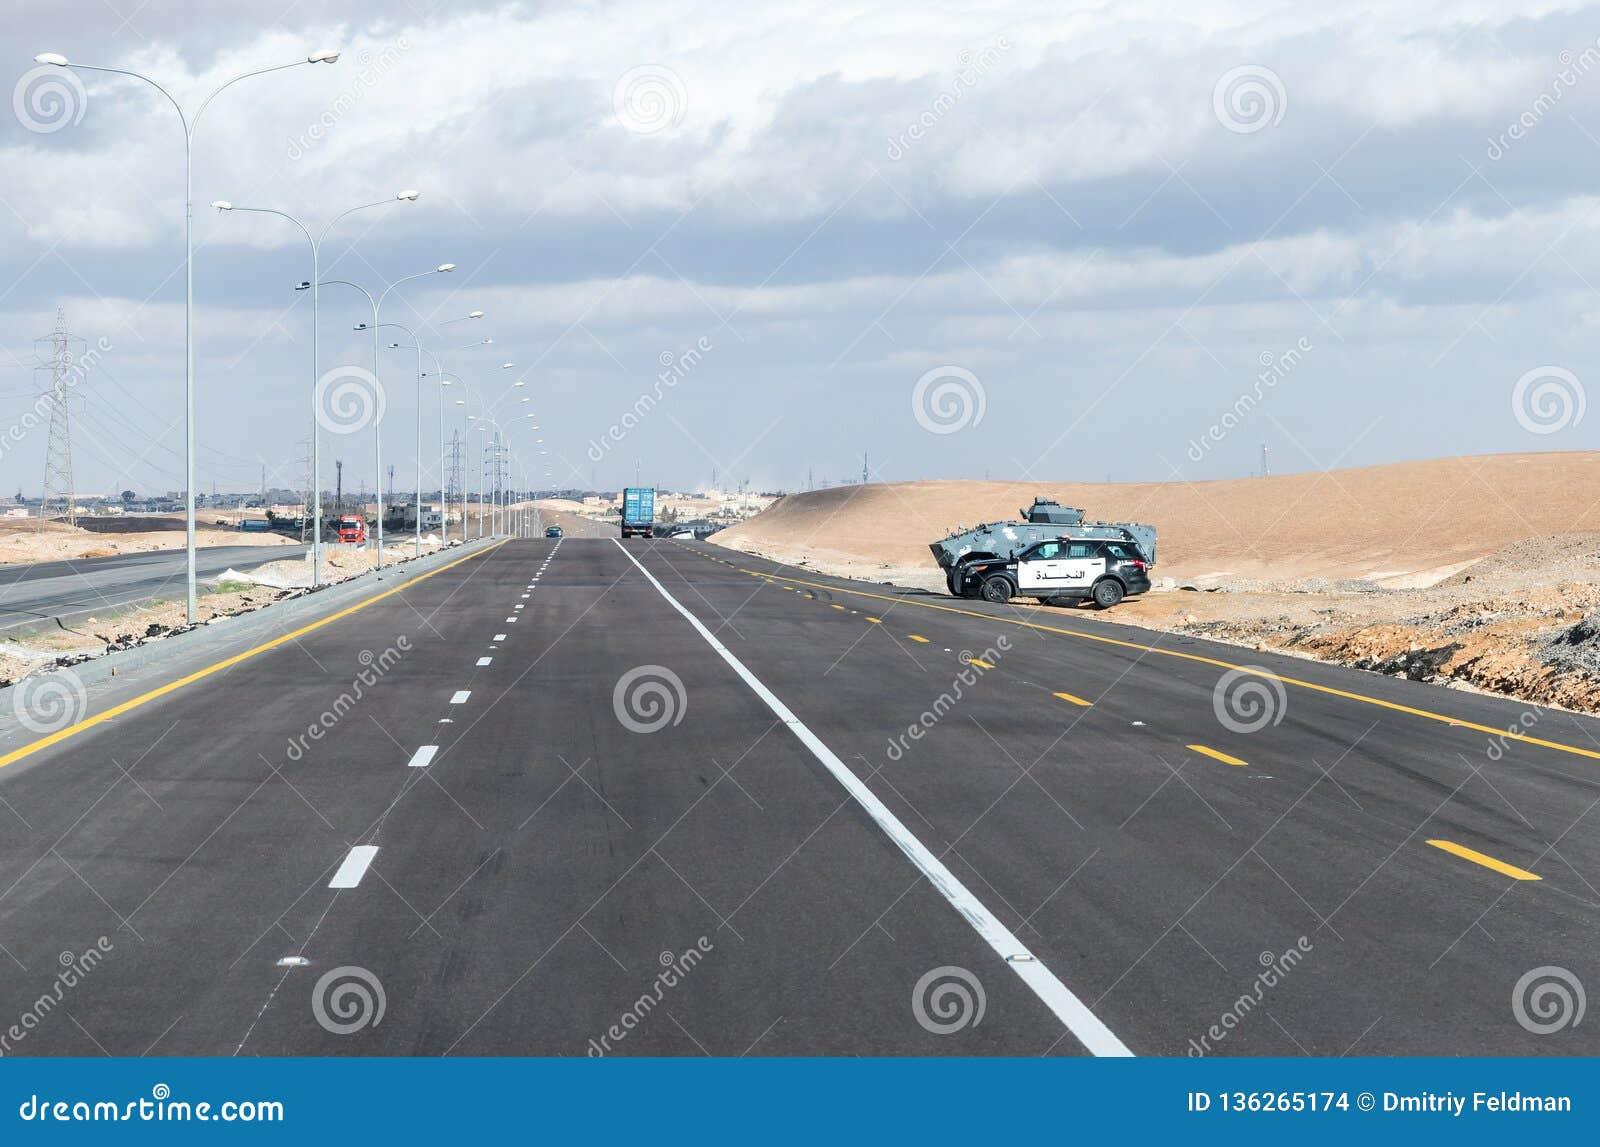 De het verkeerspolitie van Jordanië en de militaire politie bewaken de interlokale route dichtbij Maan-stad in Jordanië